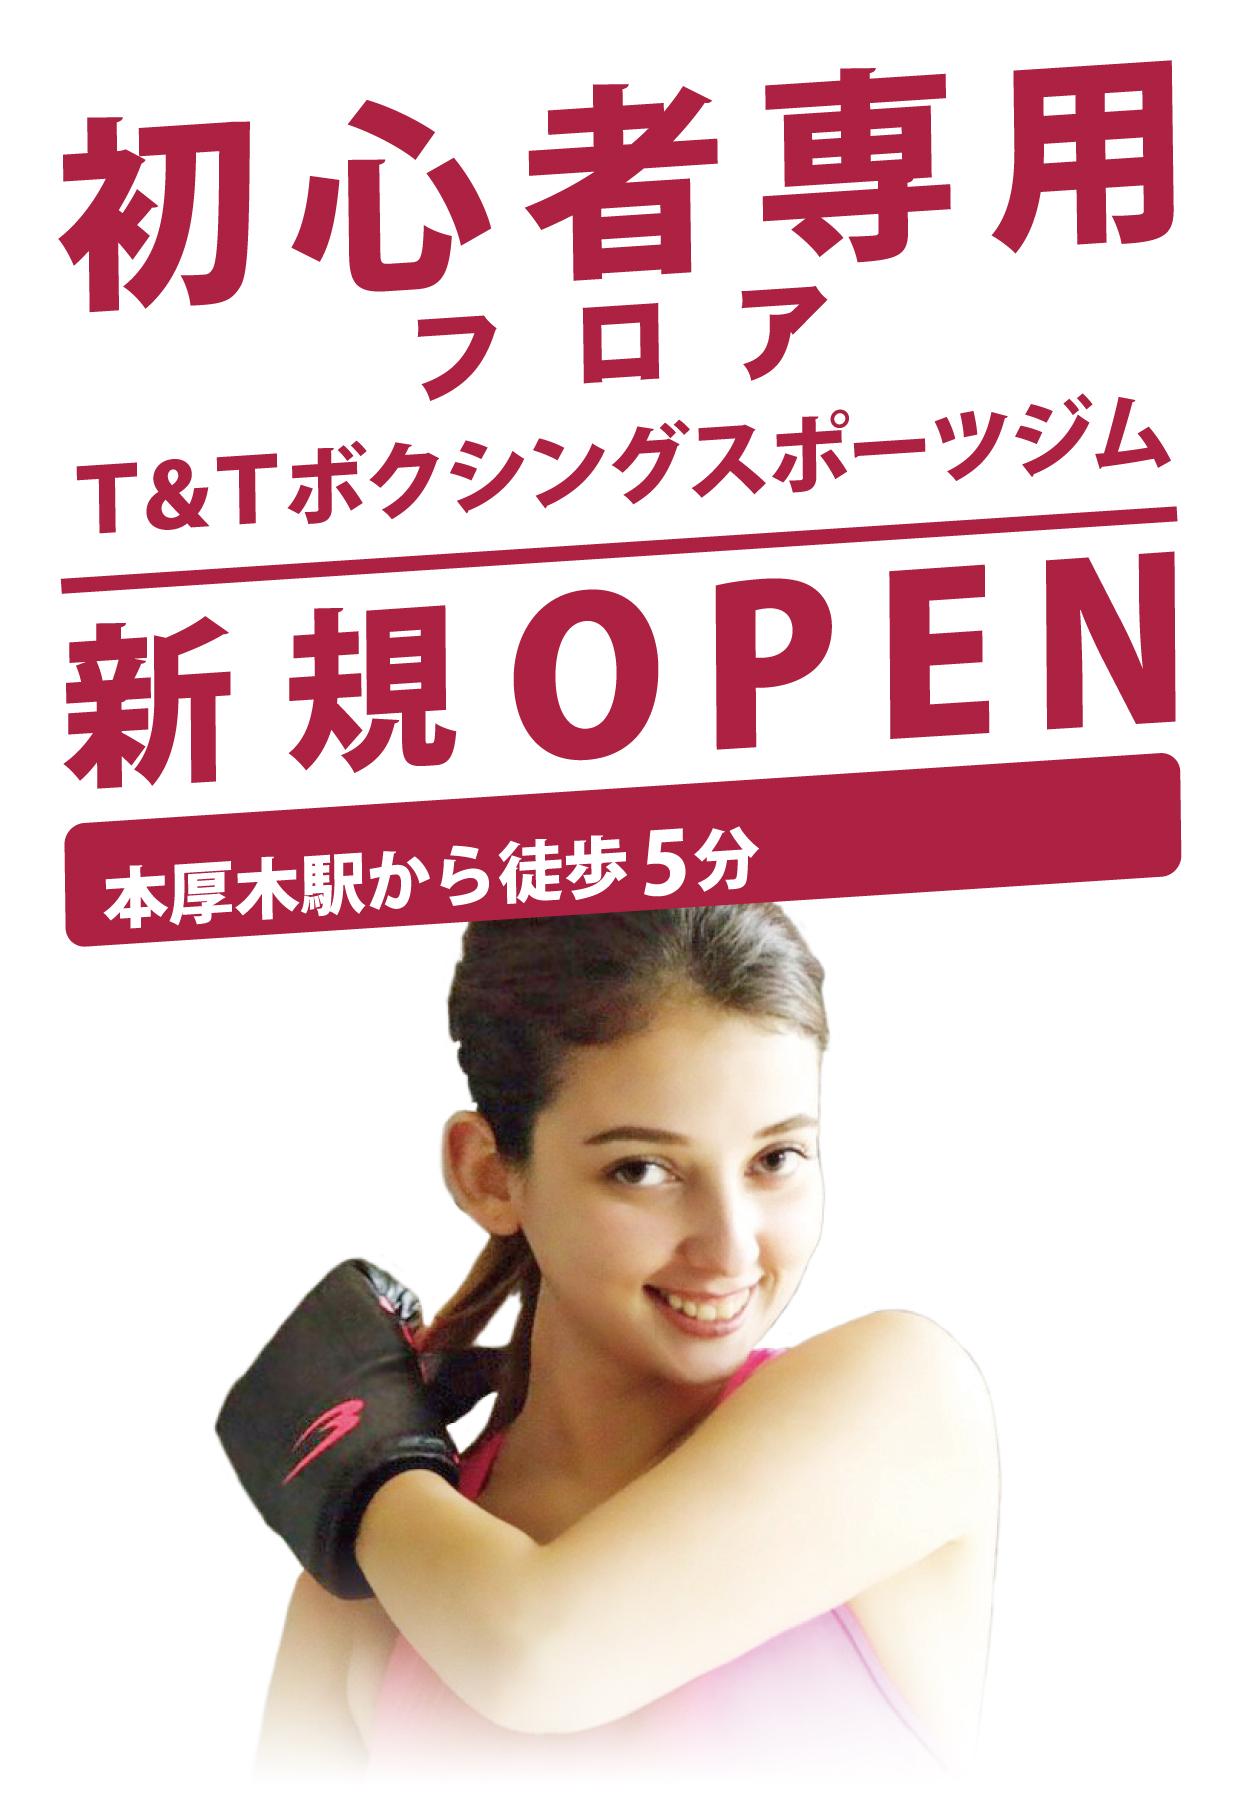 T&Tボクシングスポーツジム 初心者専用フロア 新規オープン 本厚木駅から徒歩5分